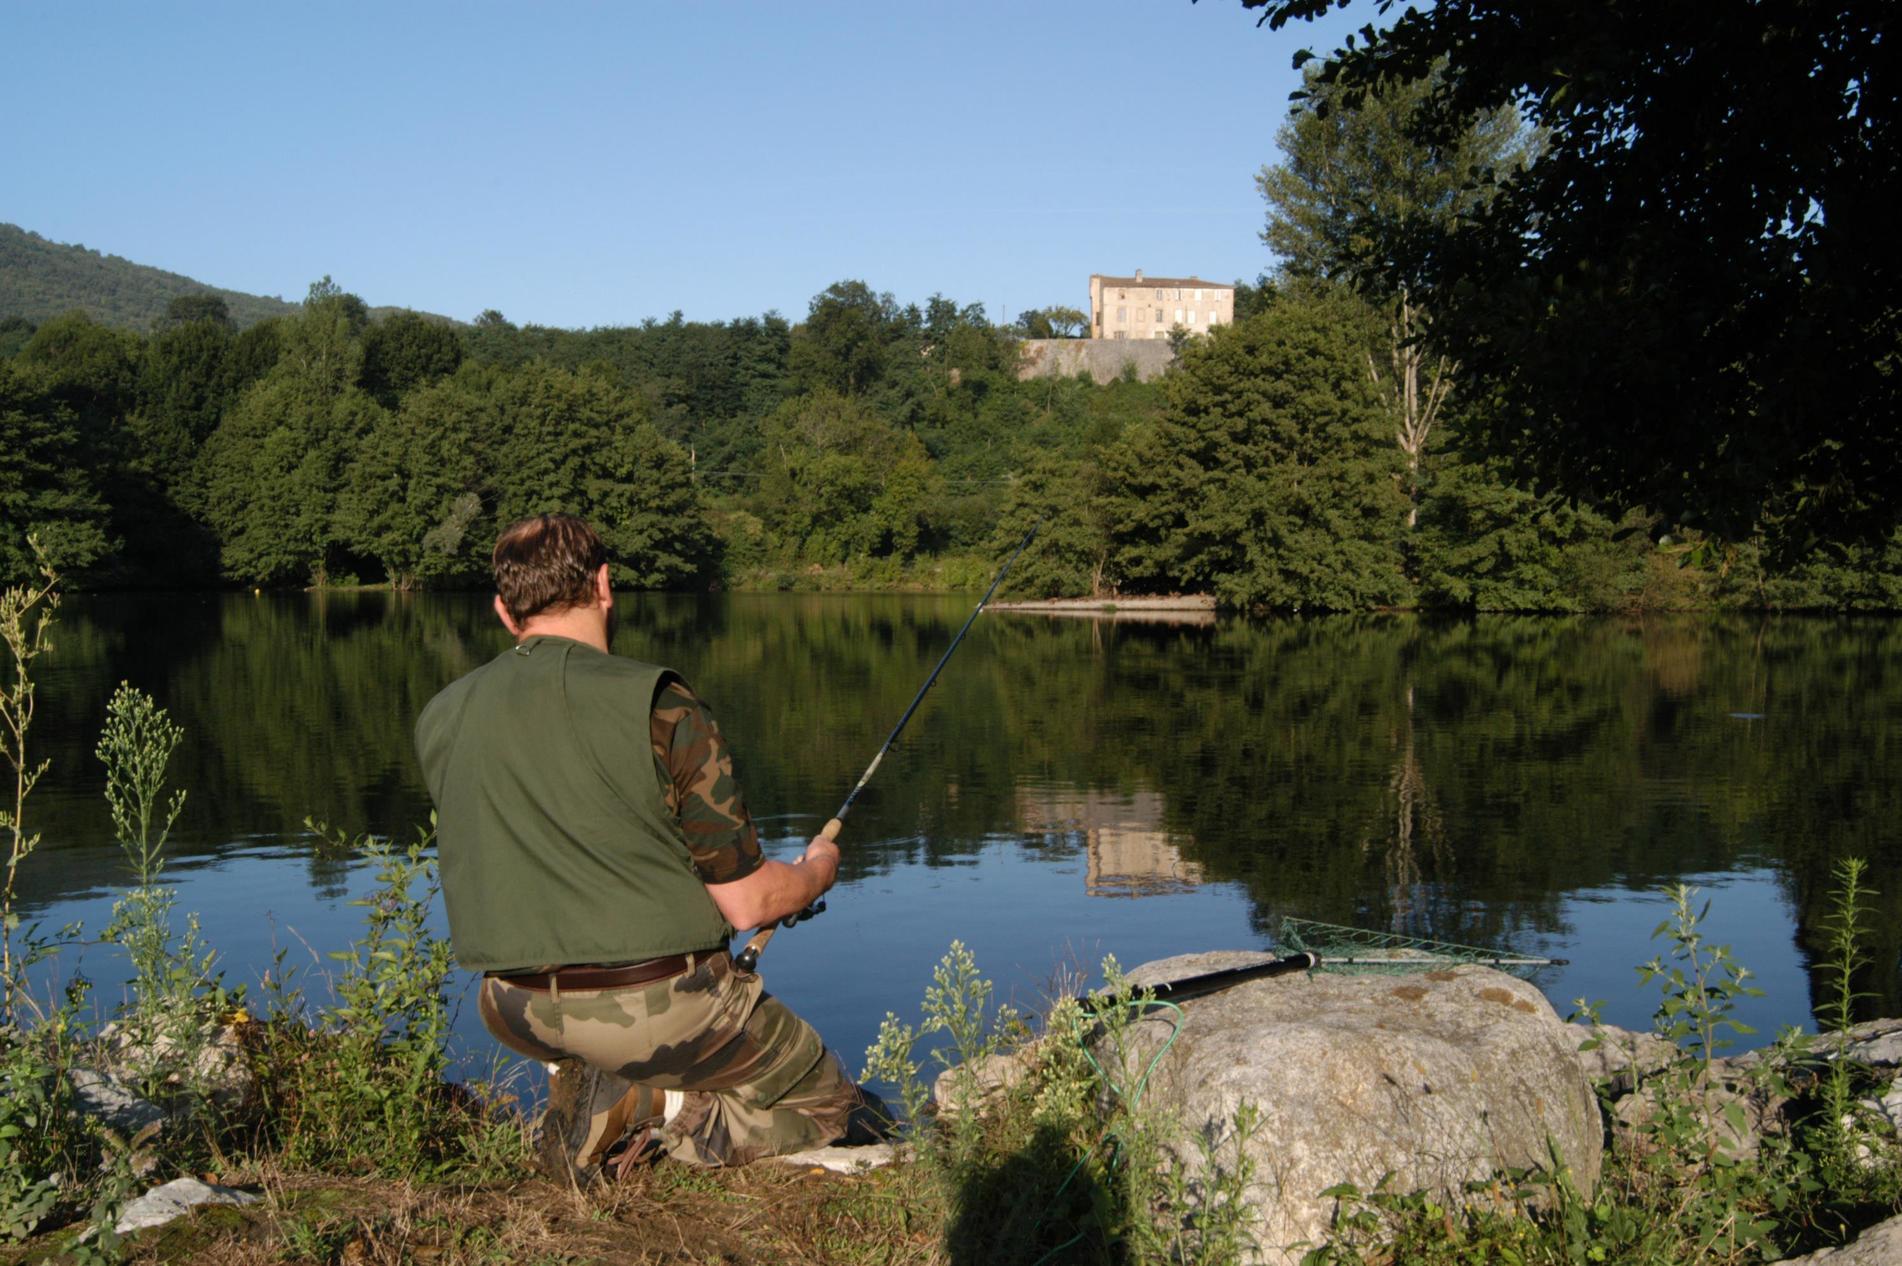 Frankrijk-Foix-Camping%20du%20Lac-ExtraLarge Campings Frankrijk